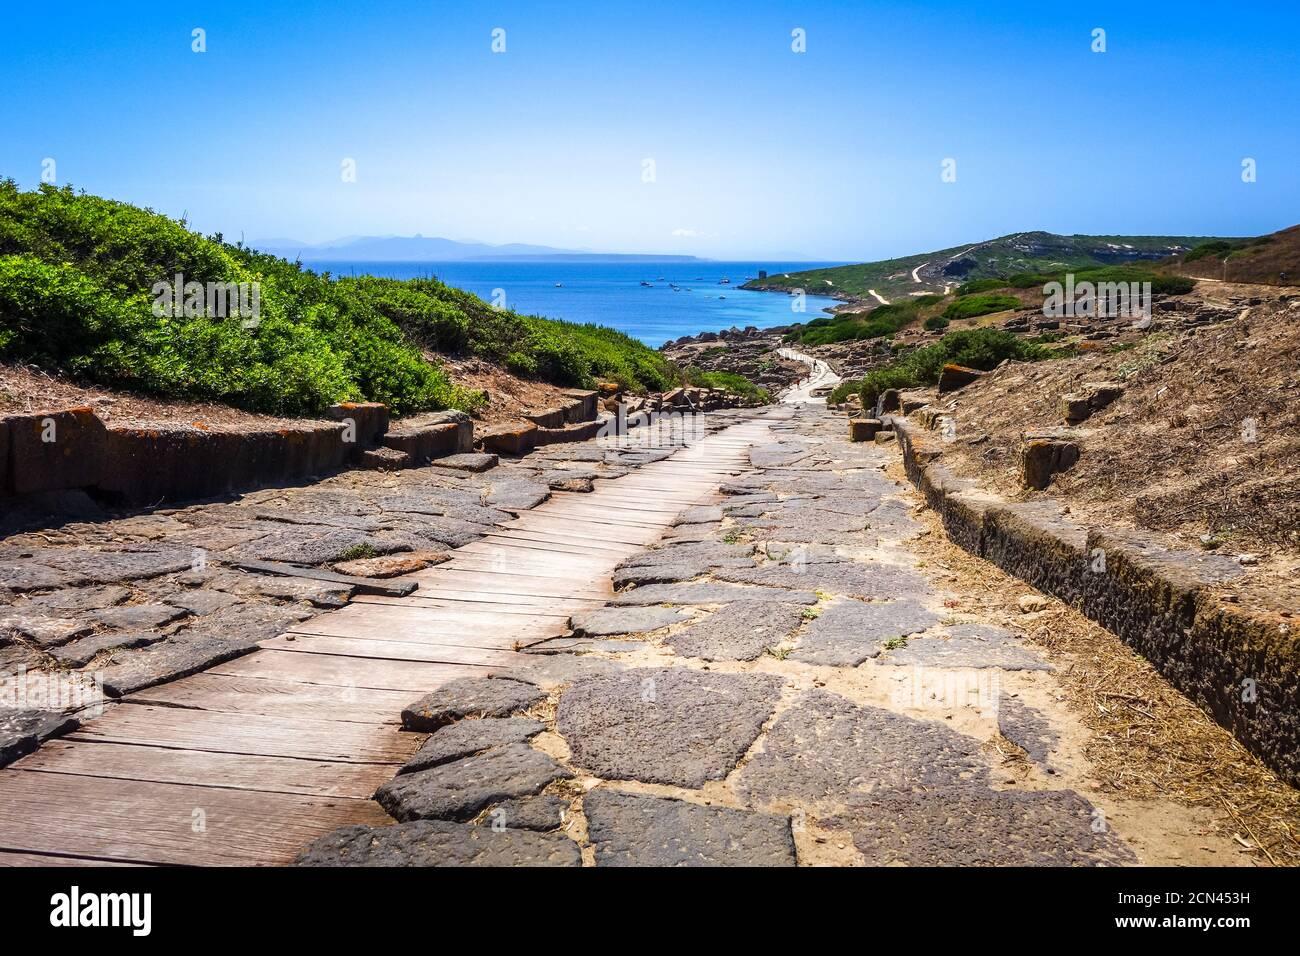 Tharros sitio arqueológico y paisaje marino, Cerdeña Foto de stock